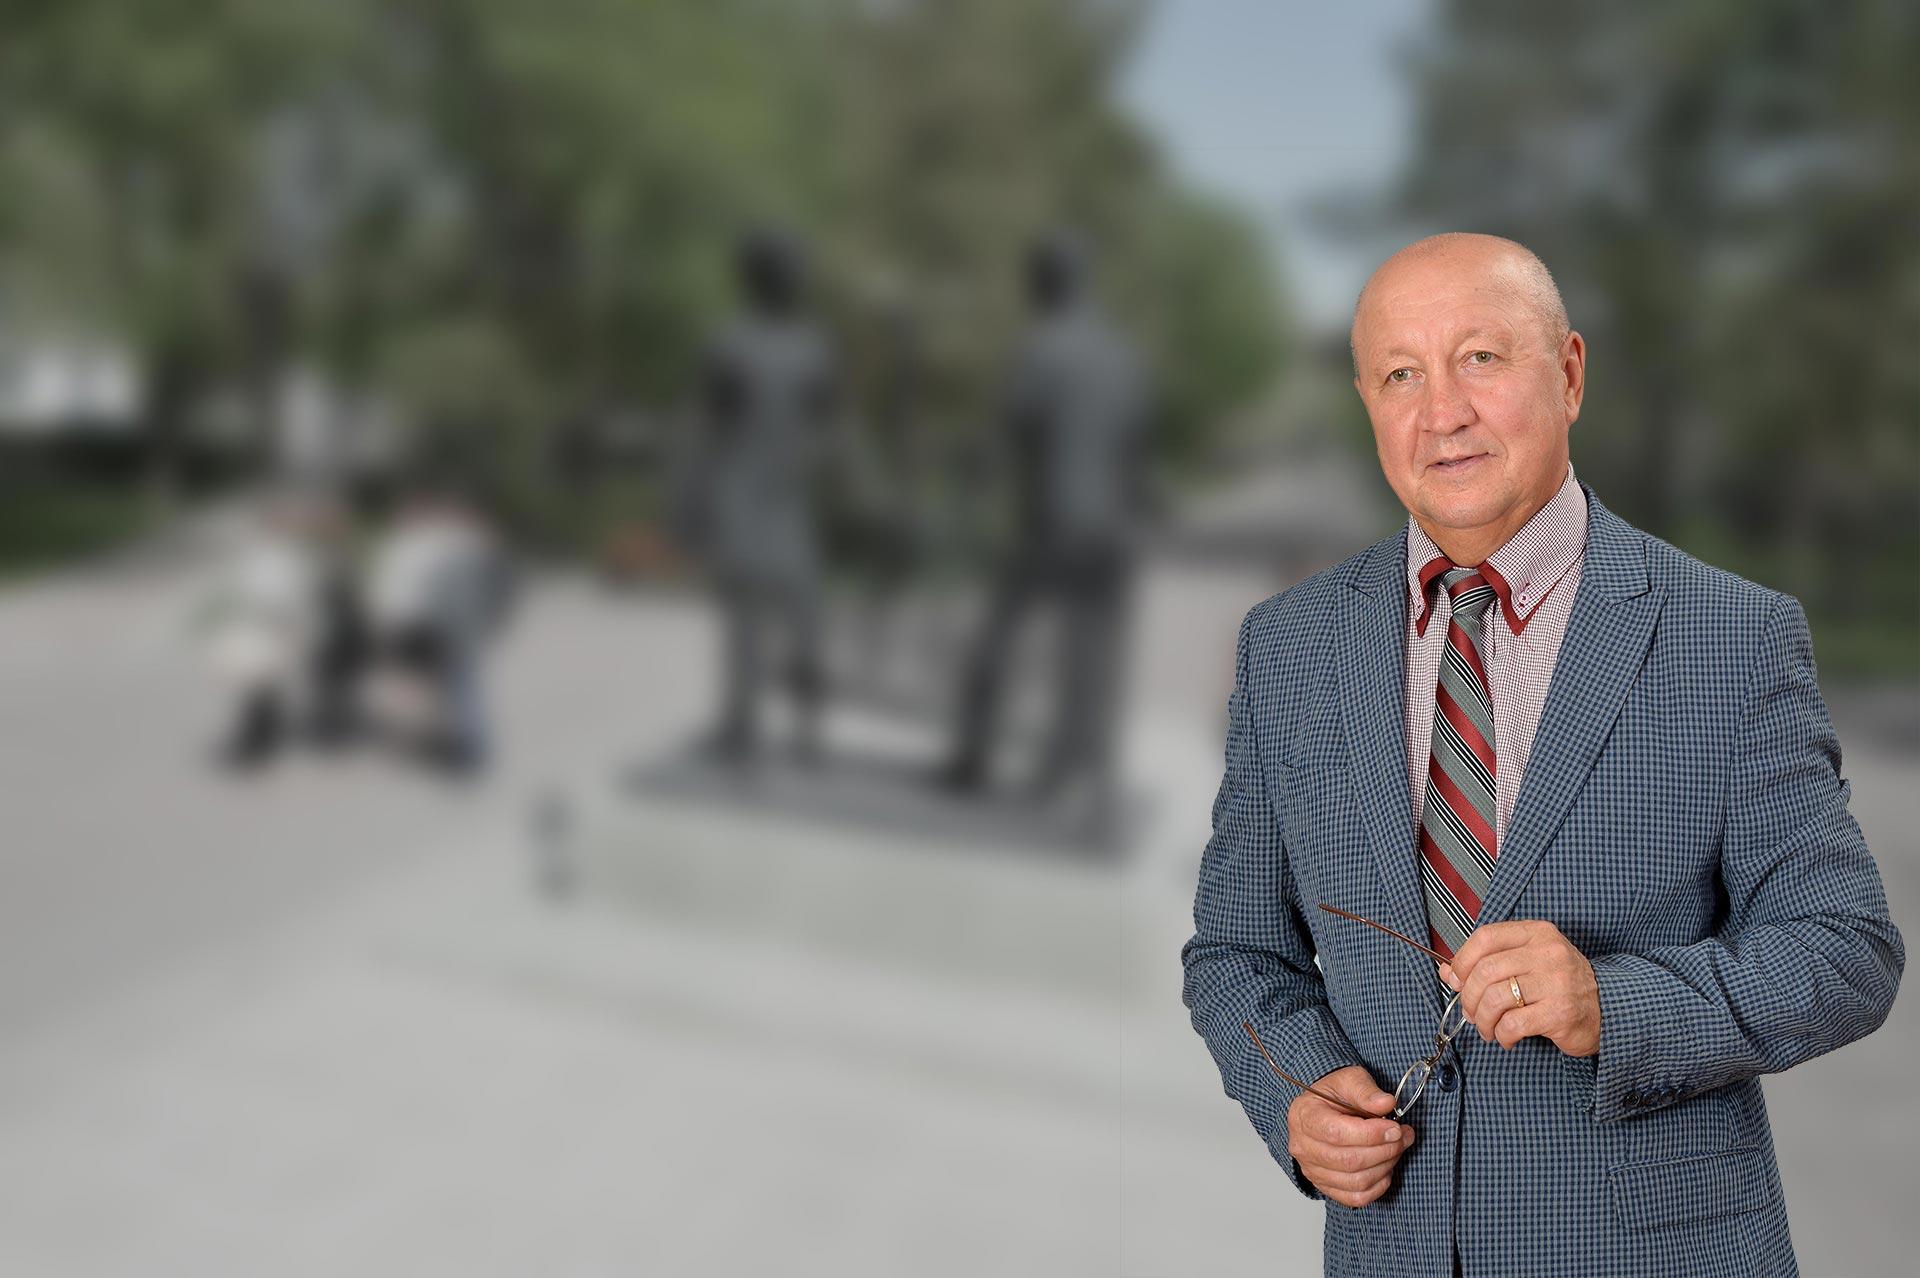 Колокольцев Валерий Михайлович